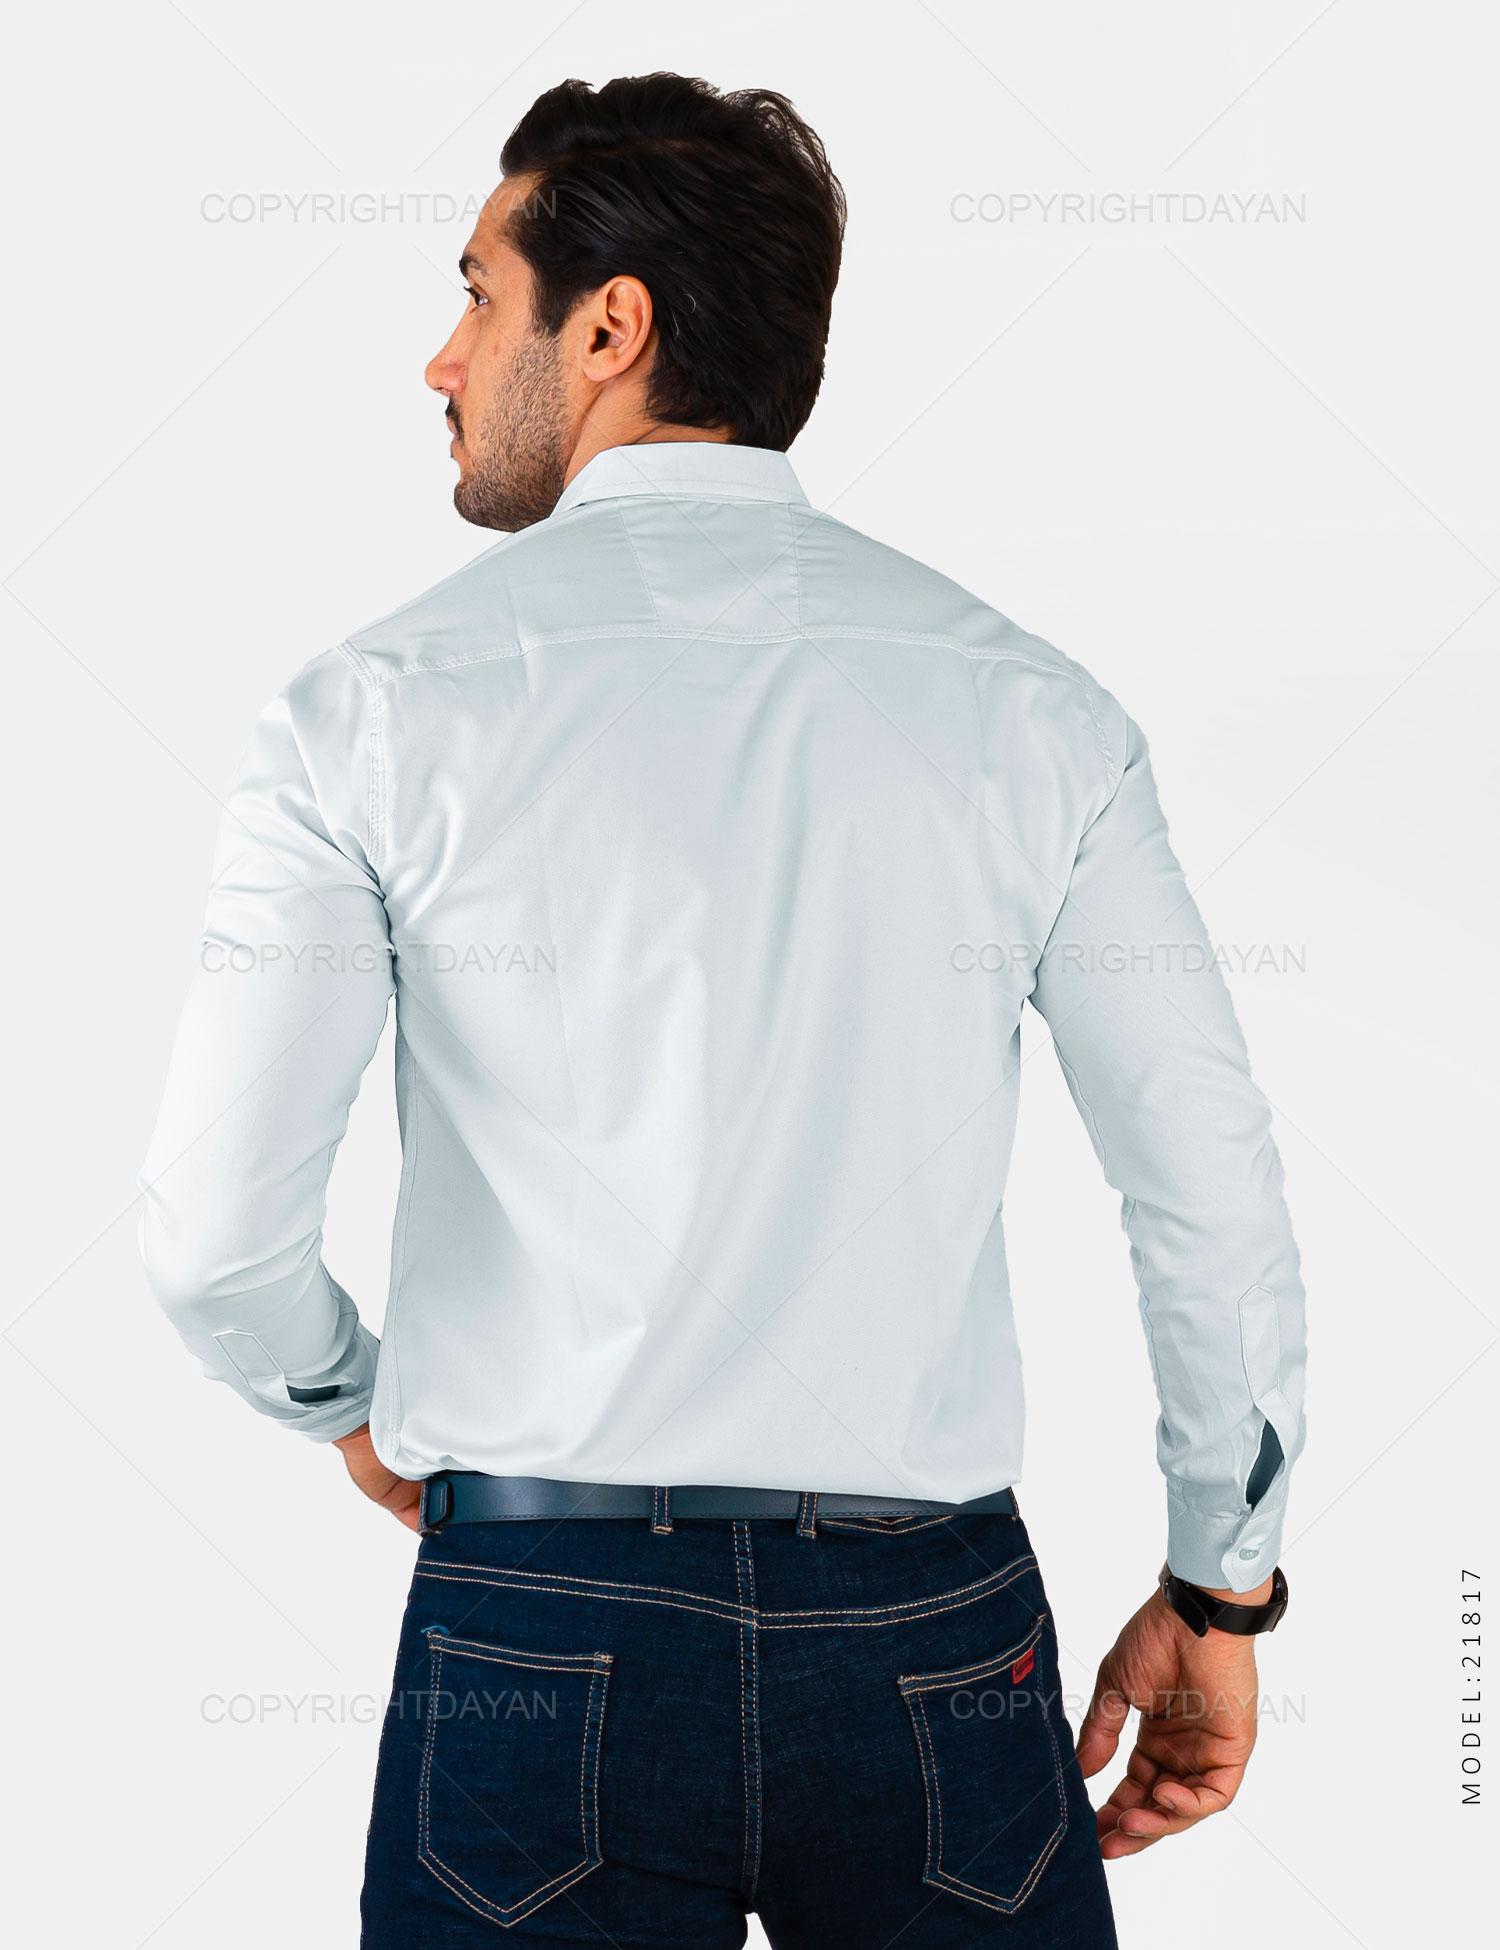 پیراهن مردانه Zima مدل 21817 پیراهن مردانه Zima مدل 21817 159,000 تومان